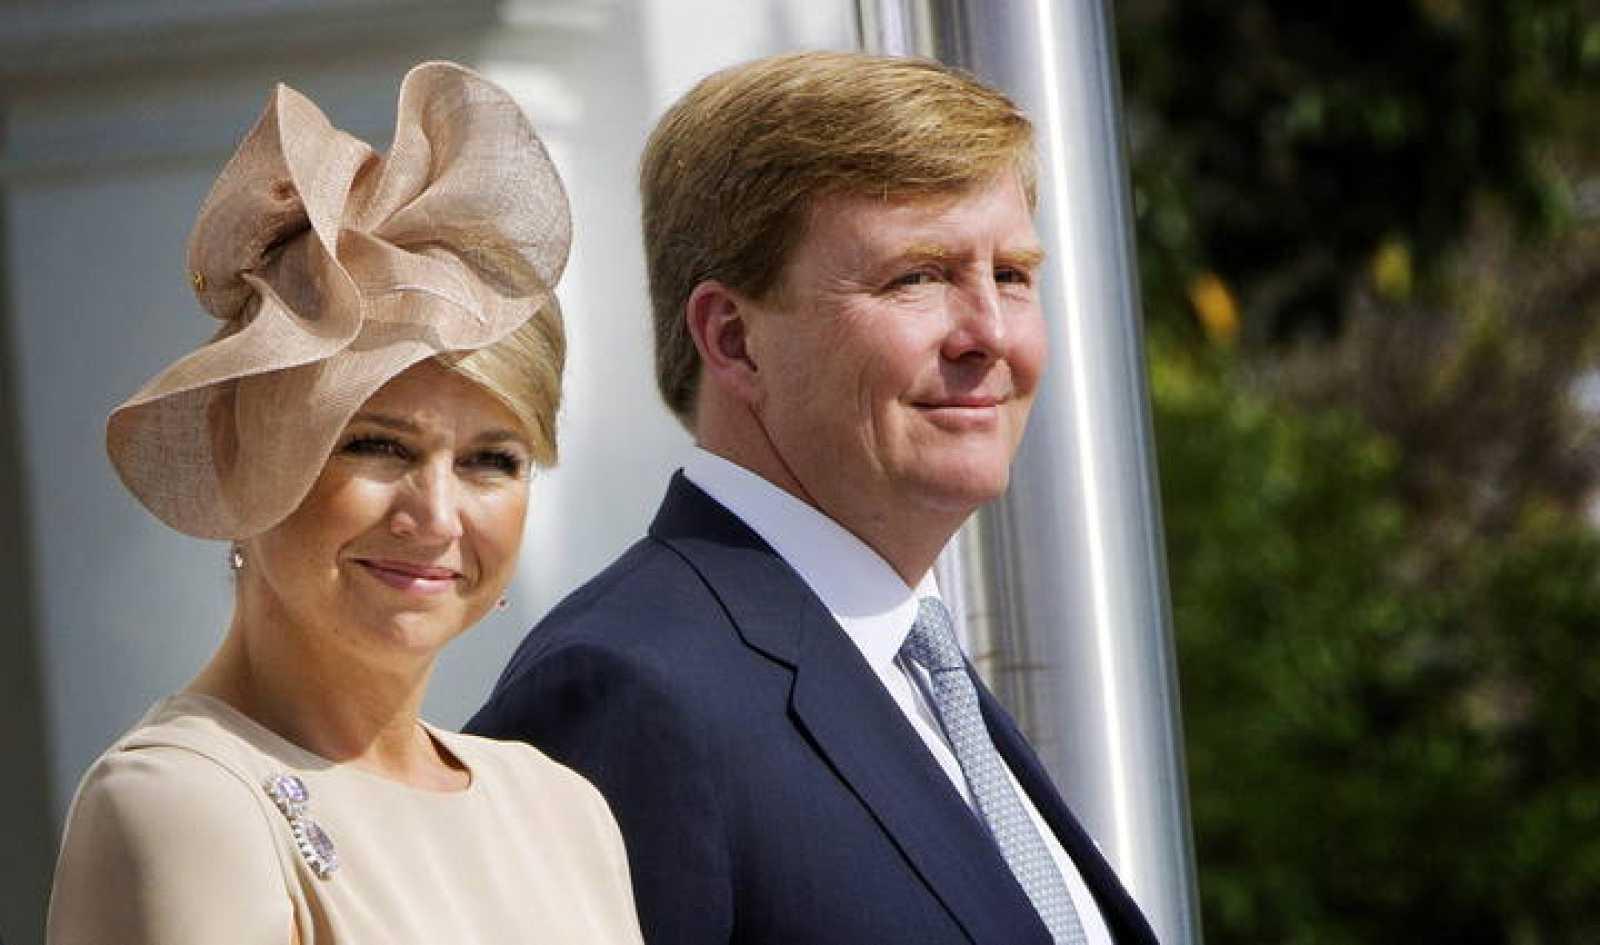 El príncipe Guillermo de Holanda y su mujer, la princesa Máxima